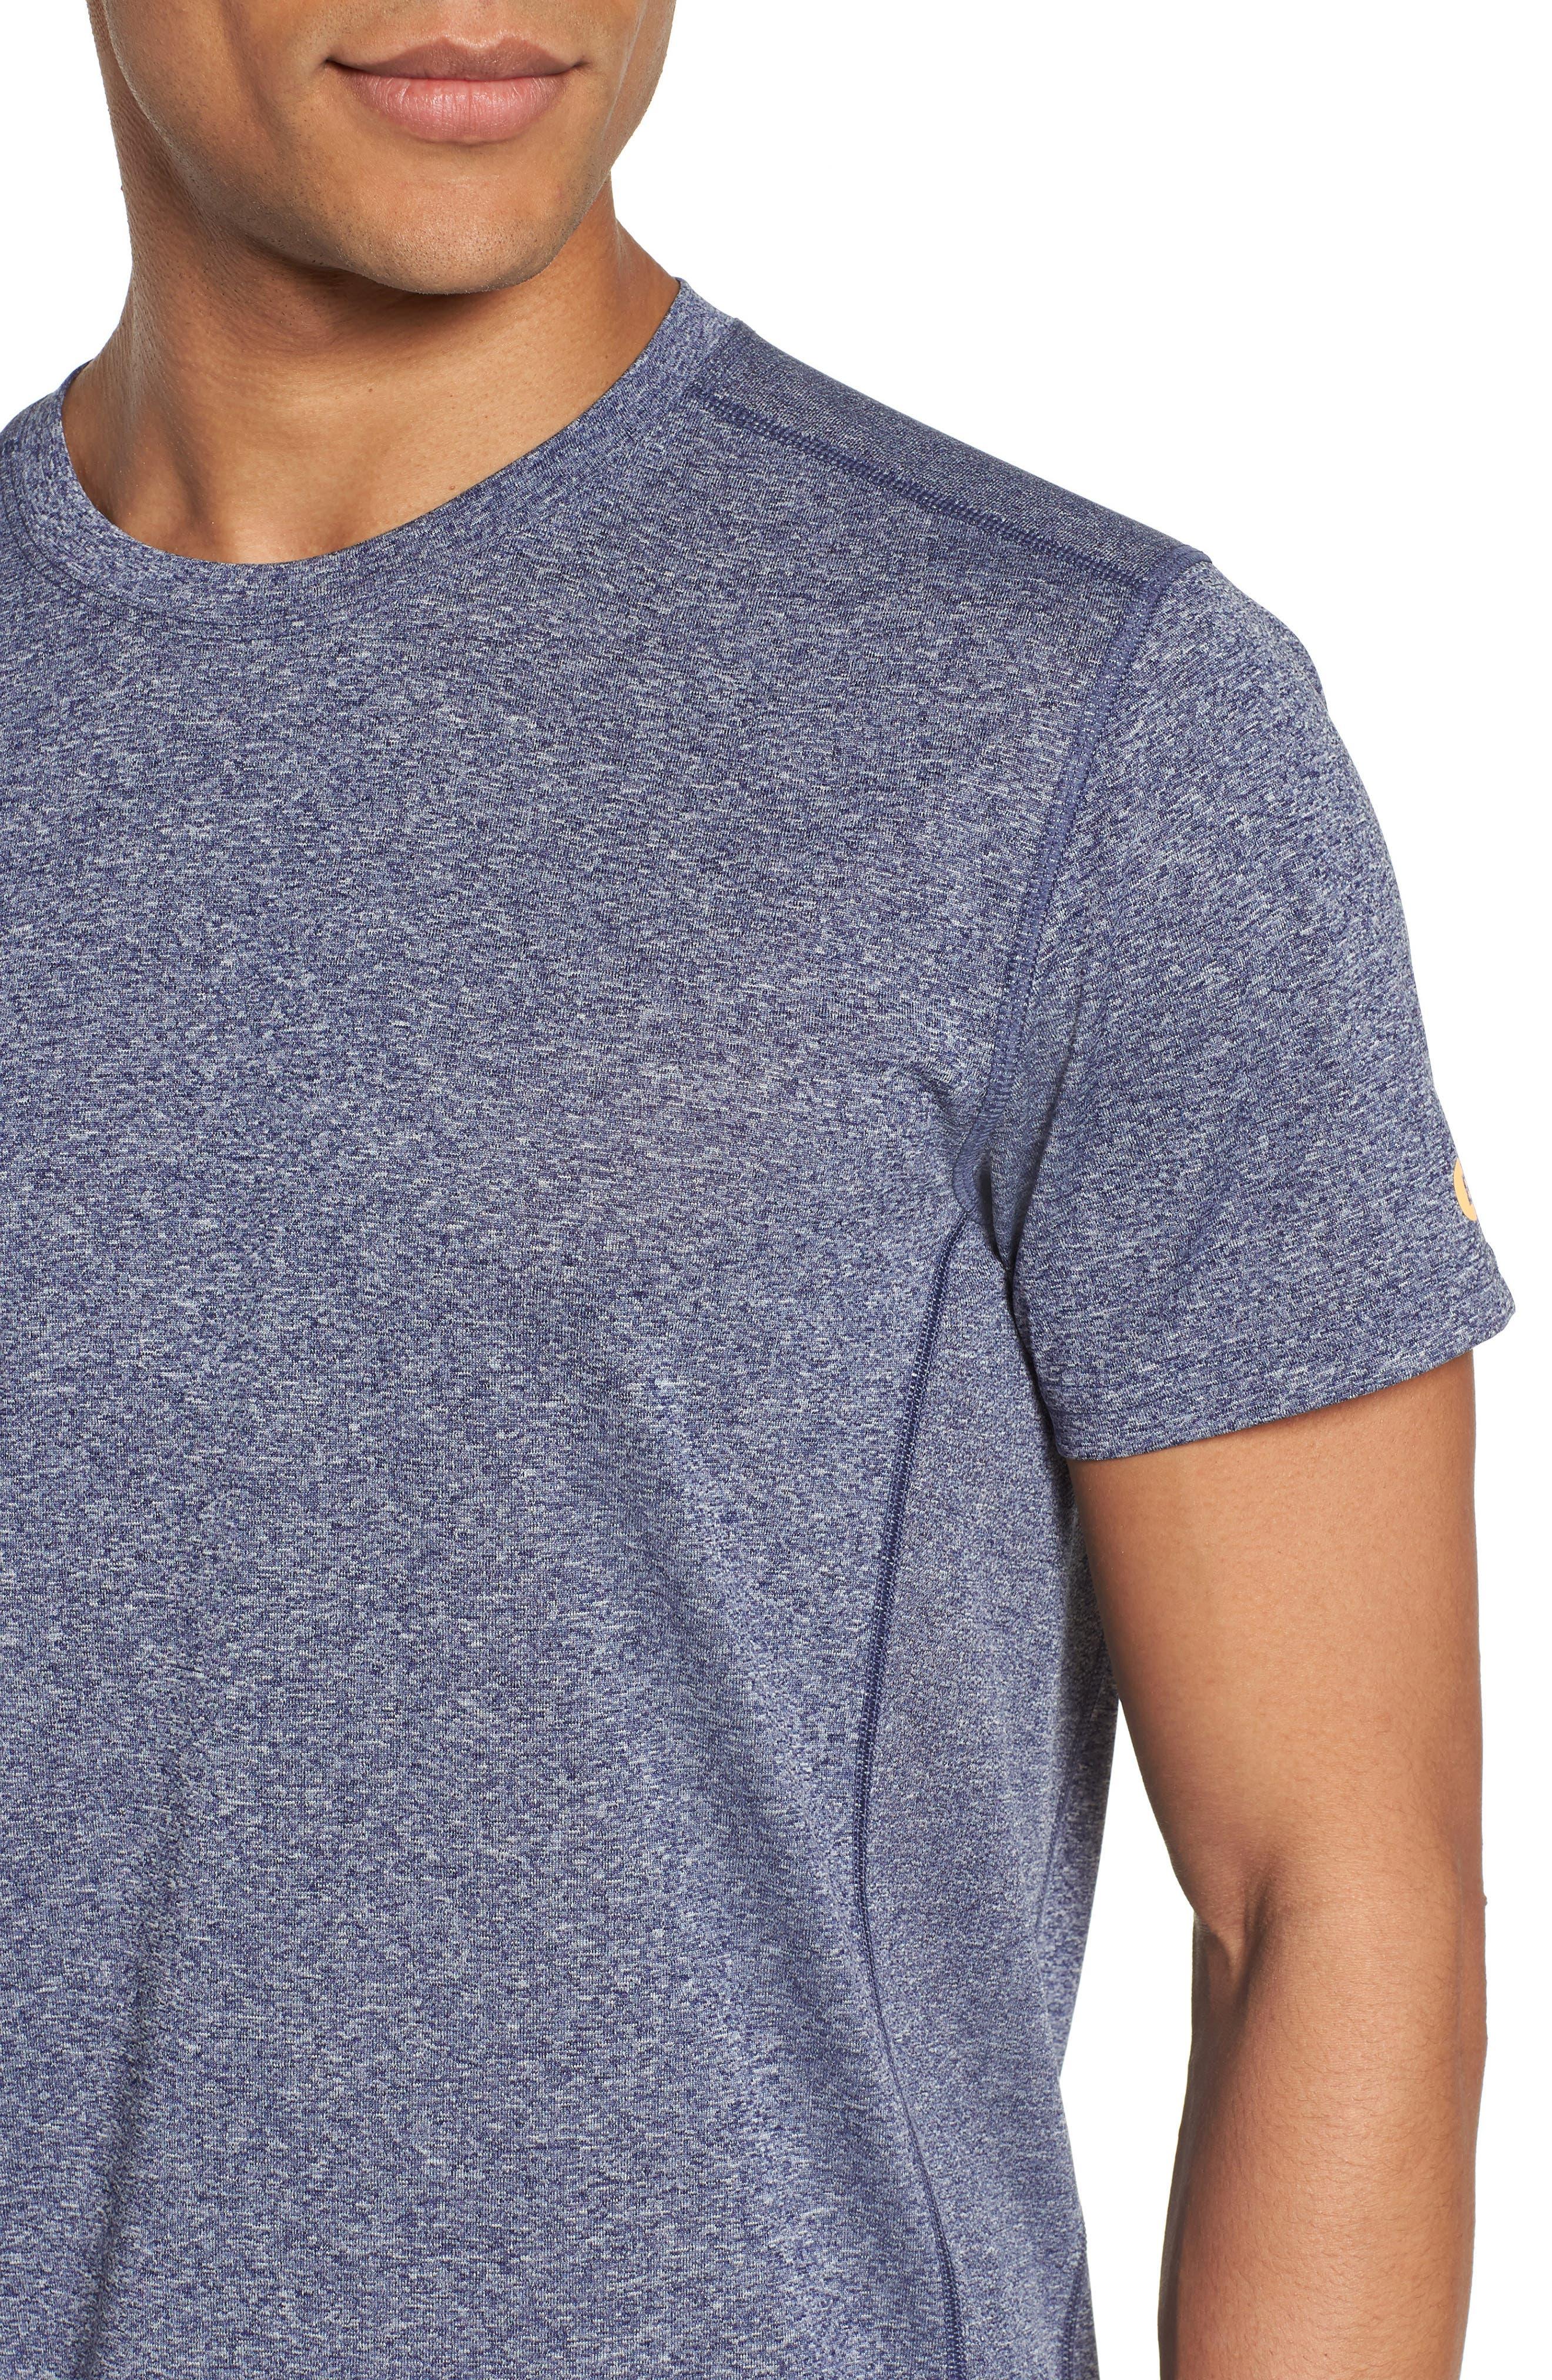 Goodsport Mesh Panel T-Shirt,                             Alternate thumbnail 23, color,